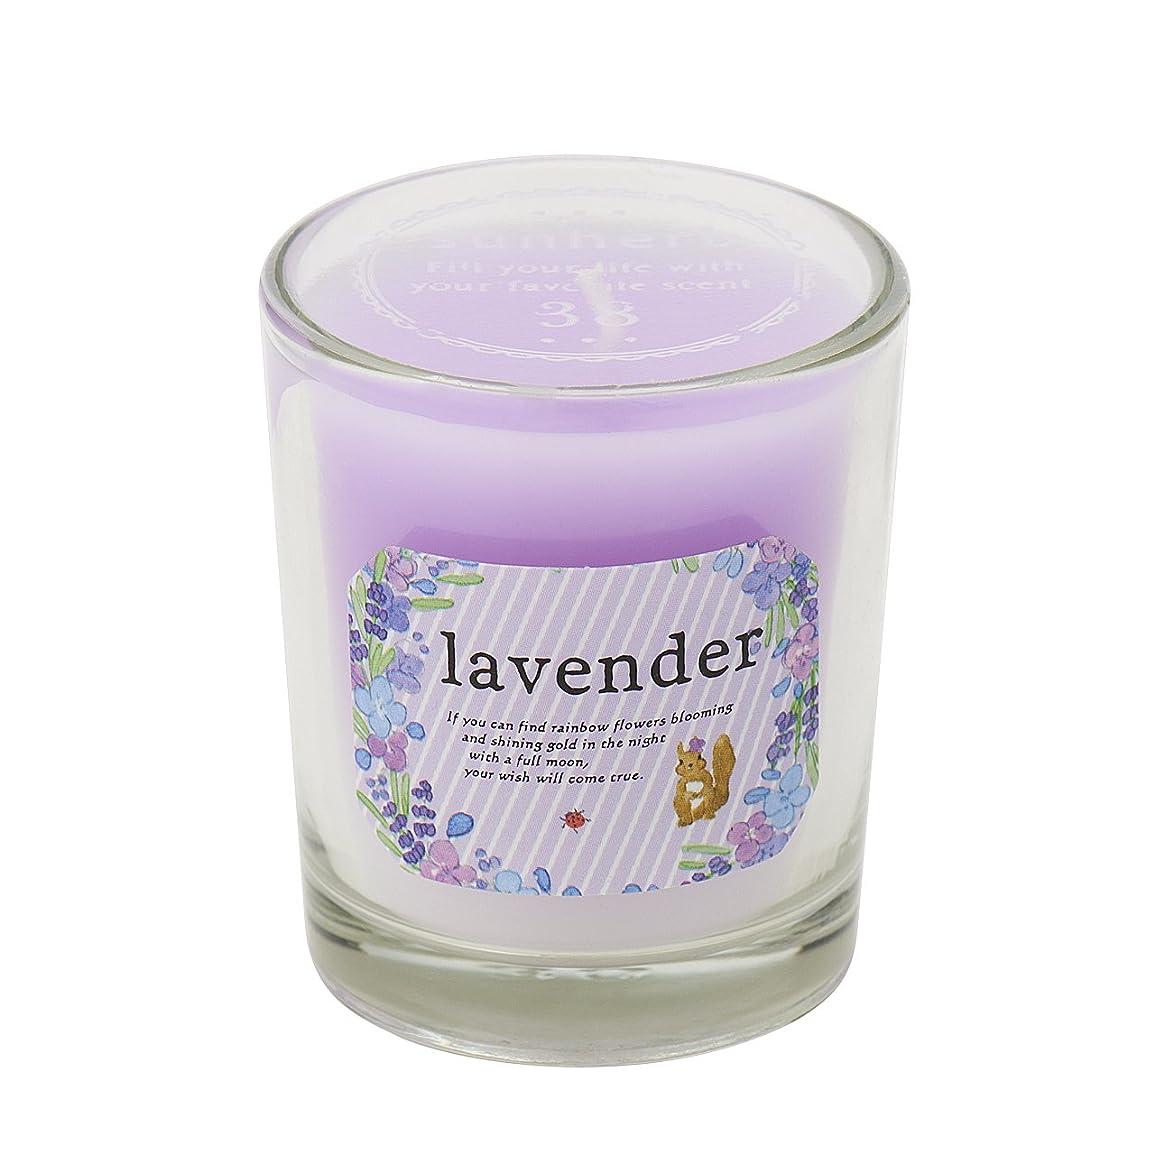 アダルト改善ルネッサンスサンハーブ グラスキャンドル ラベンダー 35g(グラデーションろうそく 燃焼時間約10時間 ふわっと爽やかなラベンダーの香り)